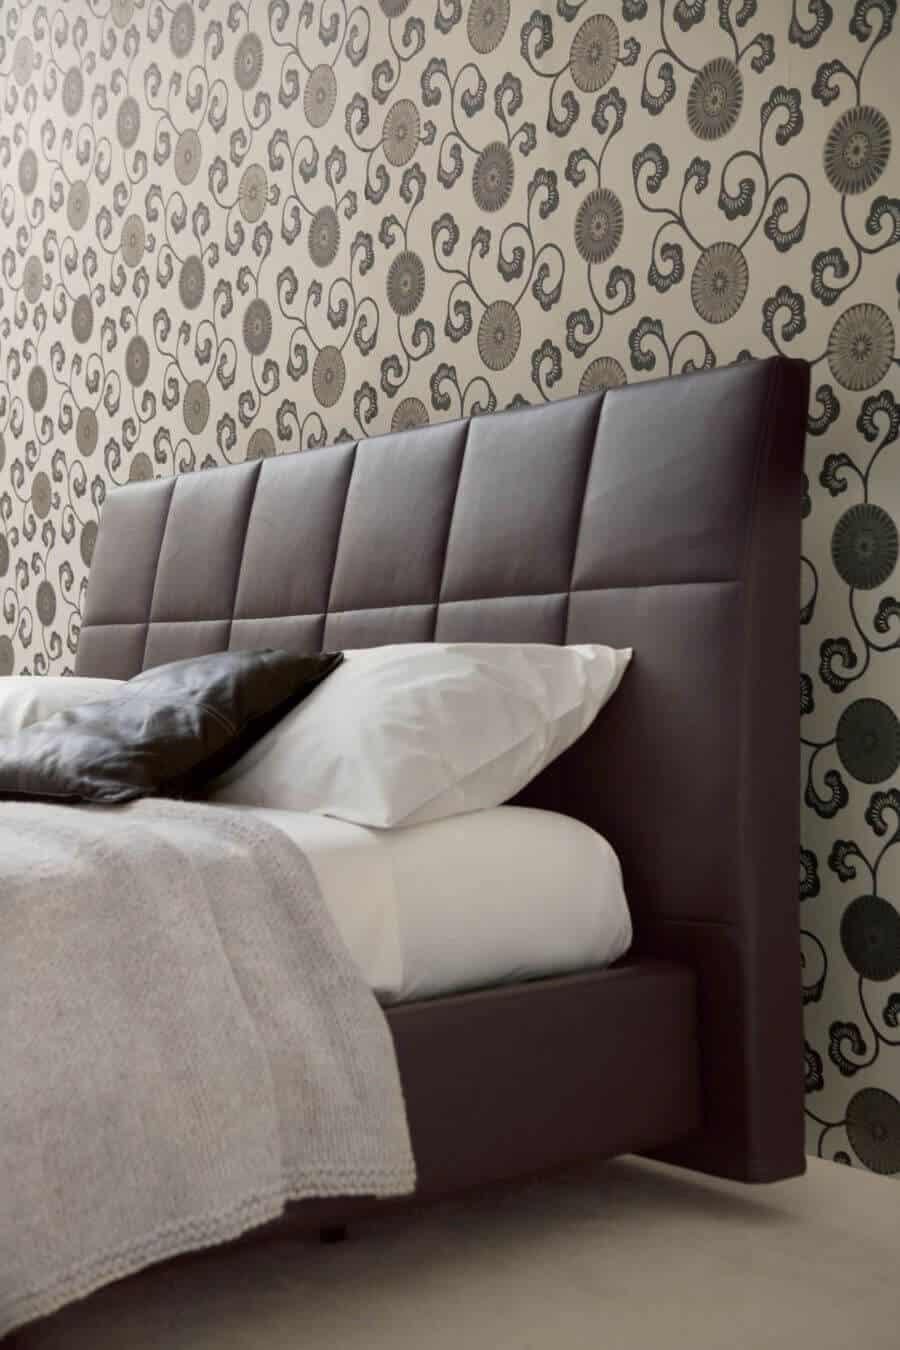 zona-notte-letto-collezione-doze-il-mobile (4)